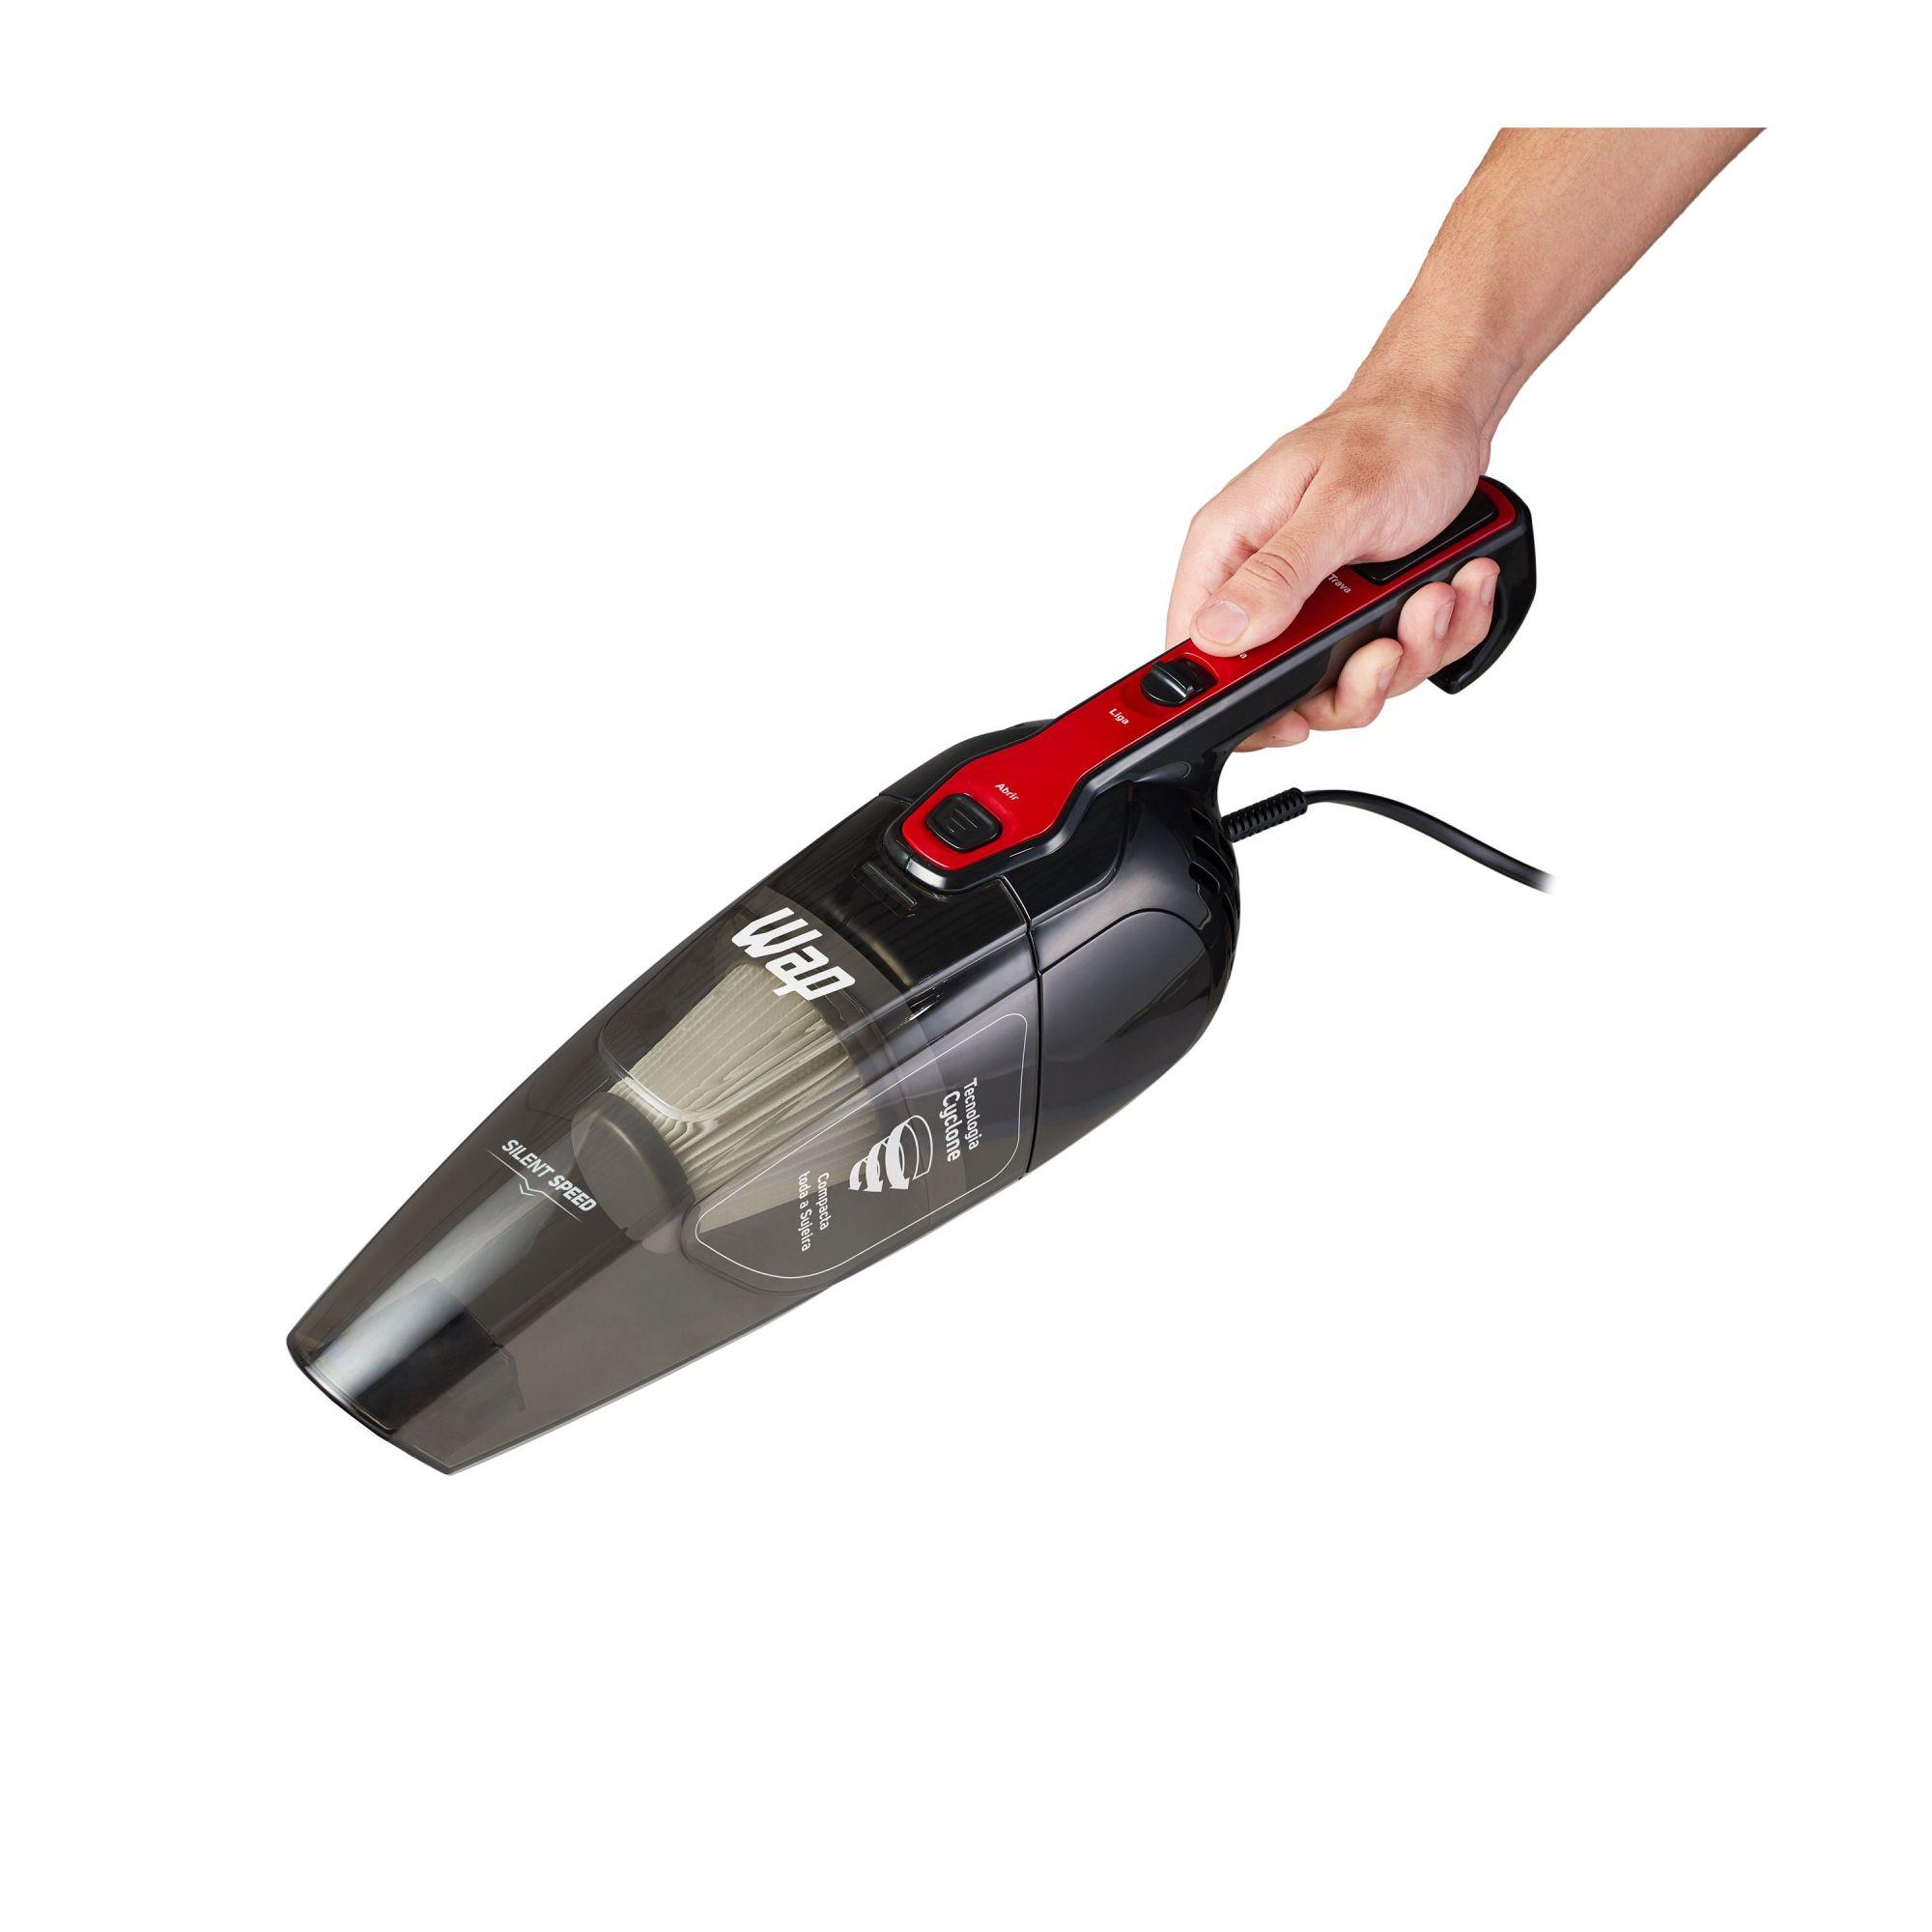 Aspirador Wap Silent Speed 1L preto e vermelho 127V Envio Imediato